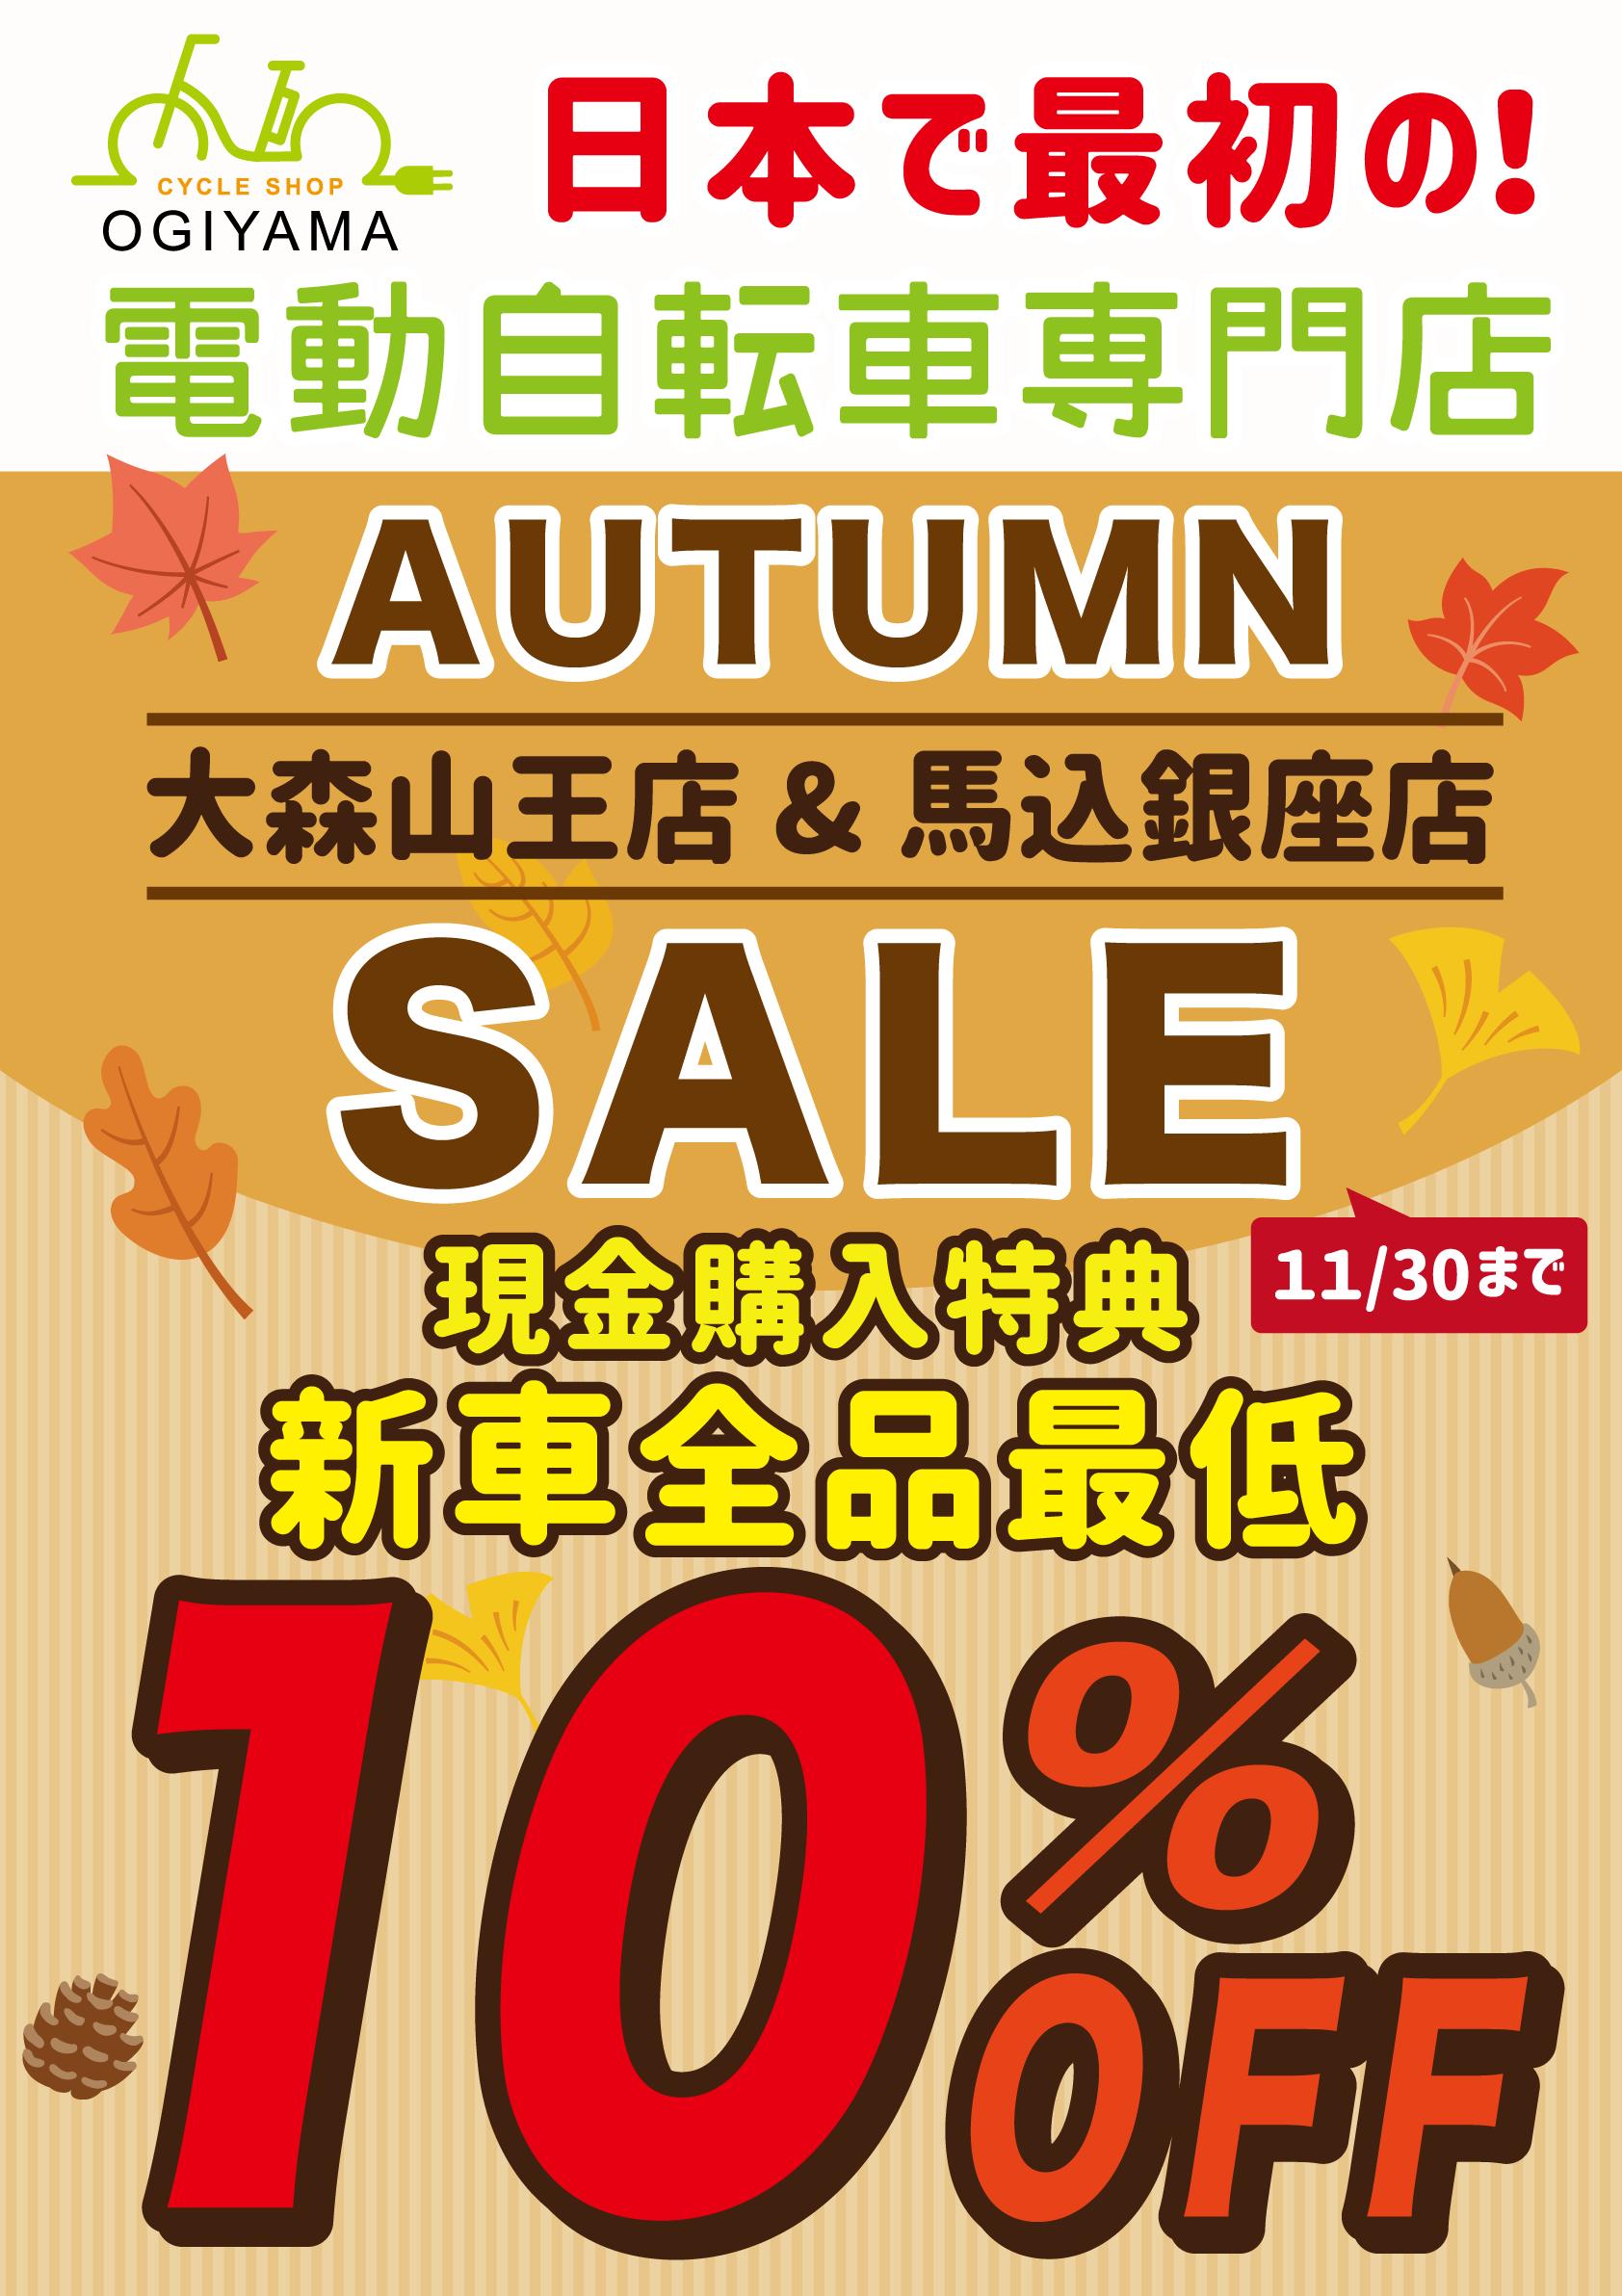 [馬込銀座店&大森山王店]10%引き‼ AUTUMN SALE